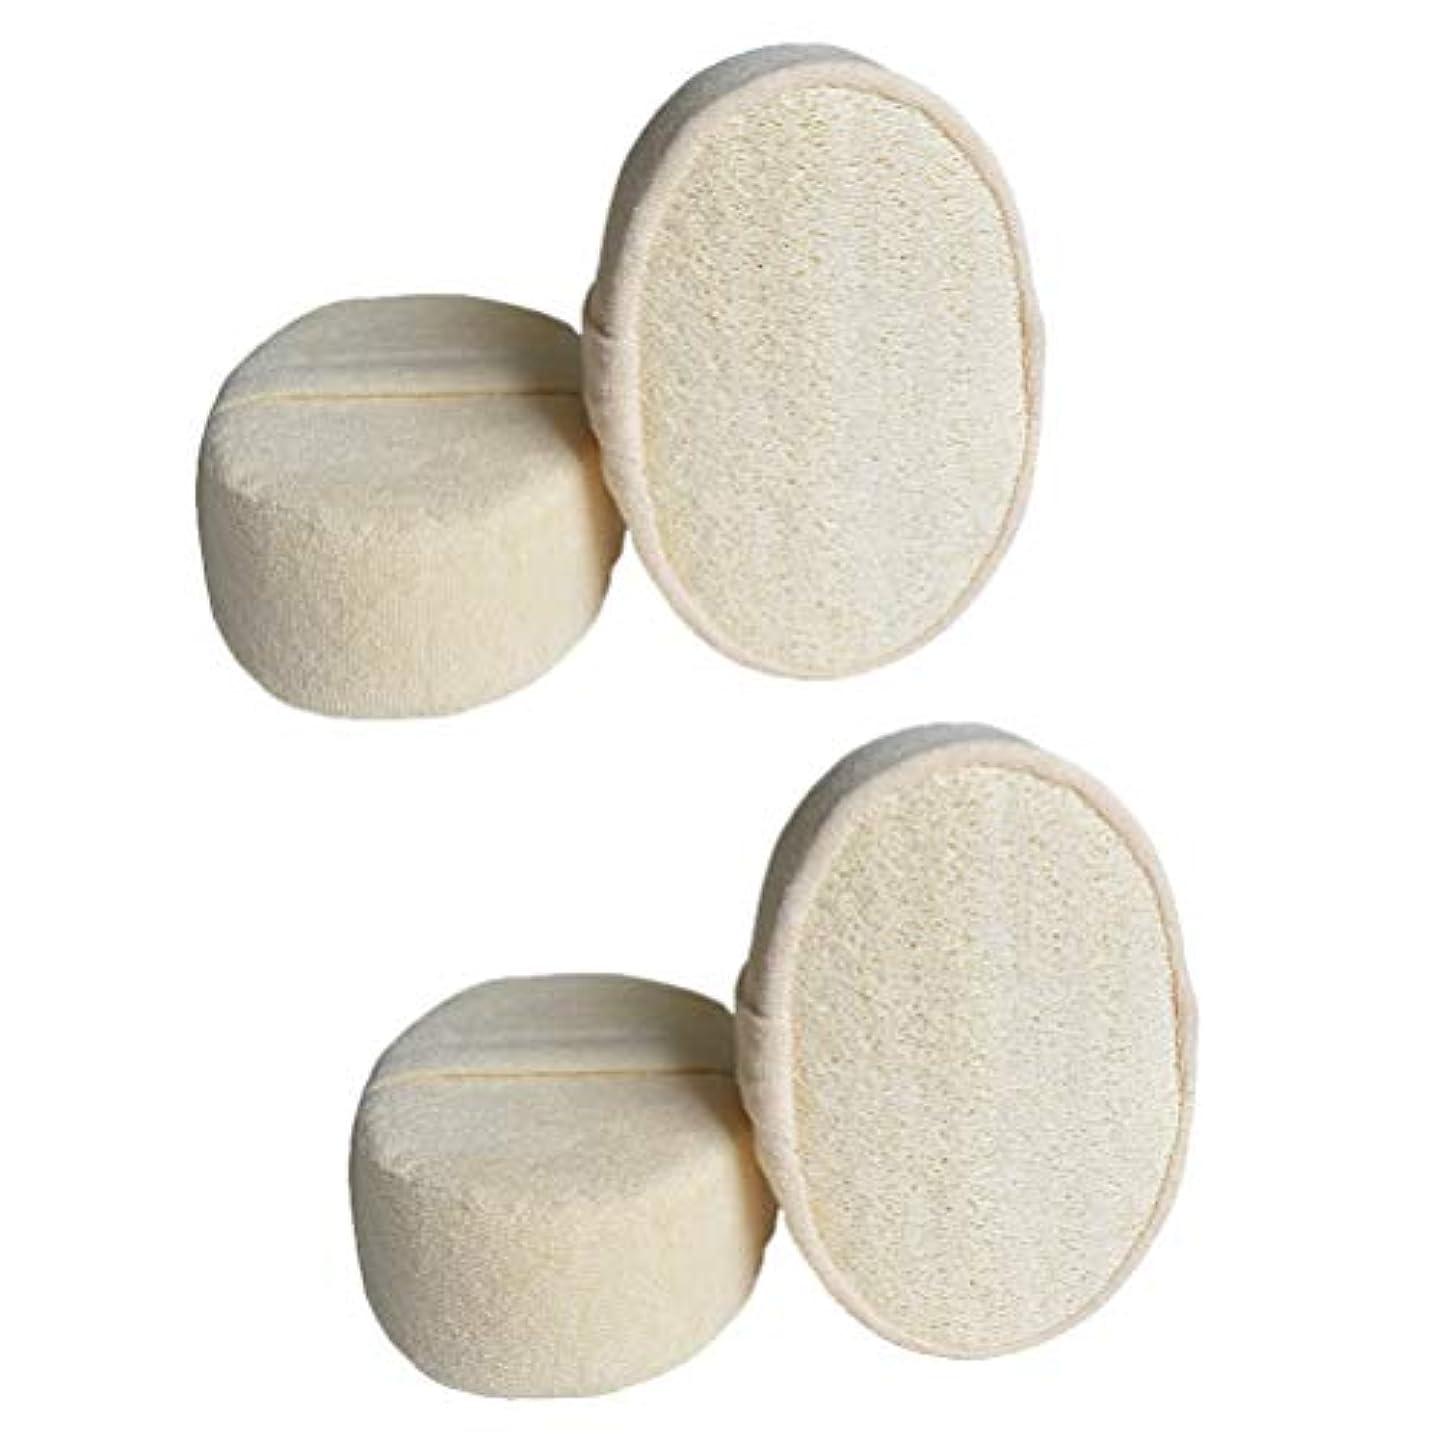 亜熱帯発行地味なHealifty 4ピース剥離剥離剤パッドloofaスポンジスクラバーブラシ用風呂スパシャワー